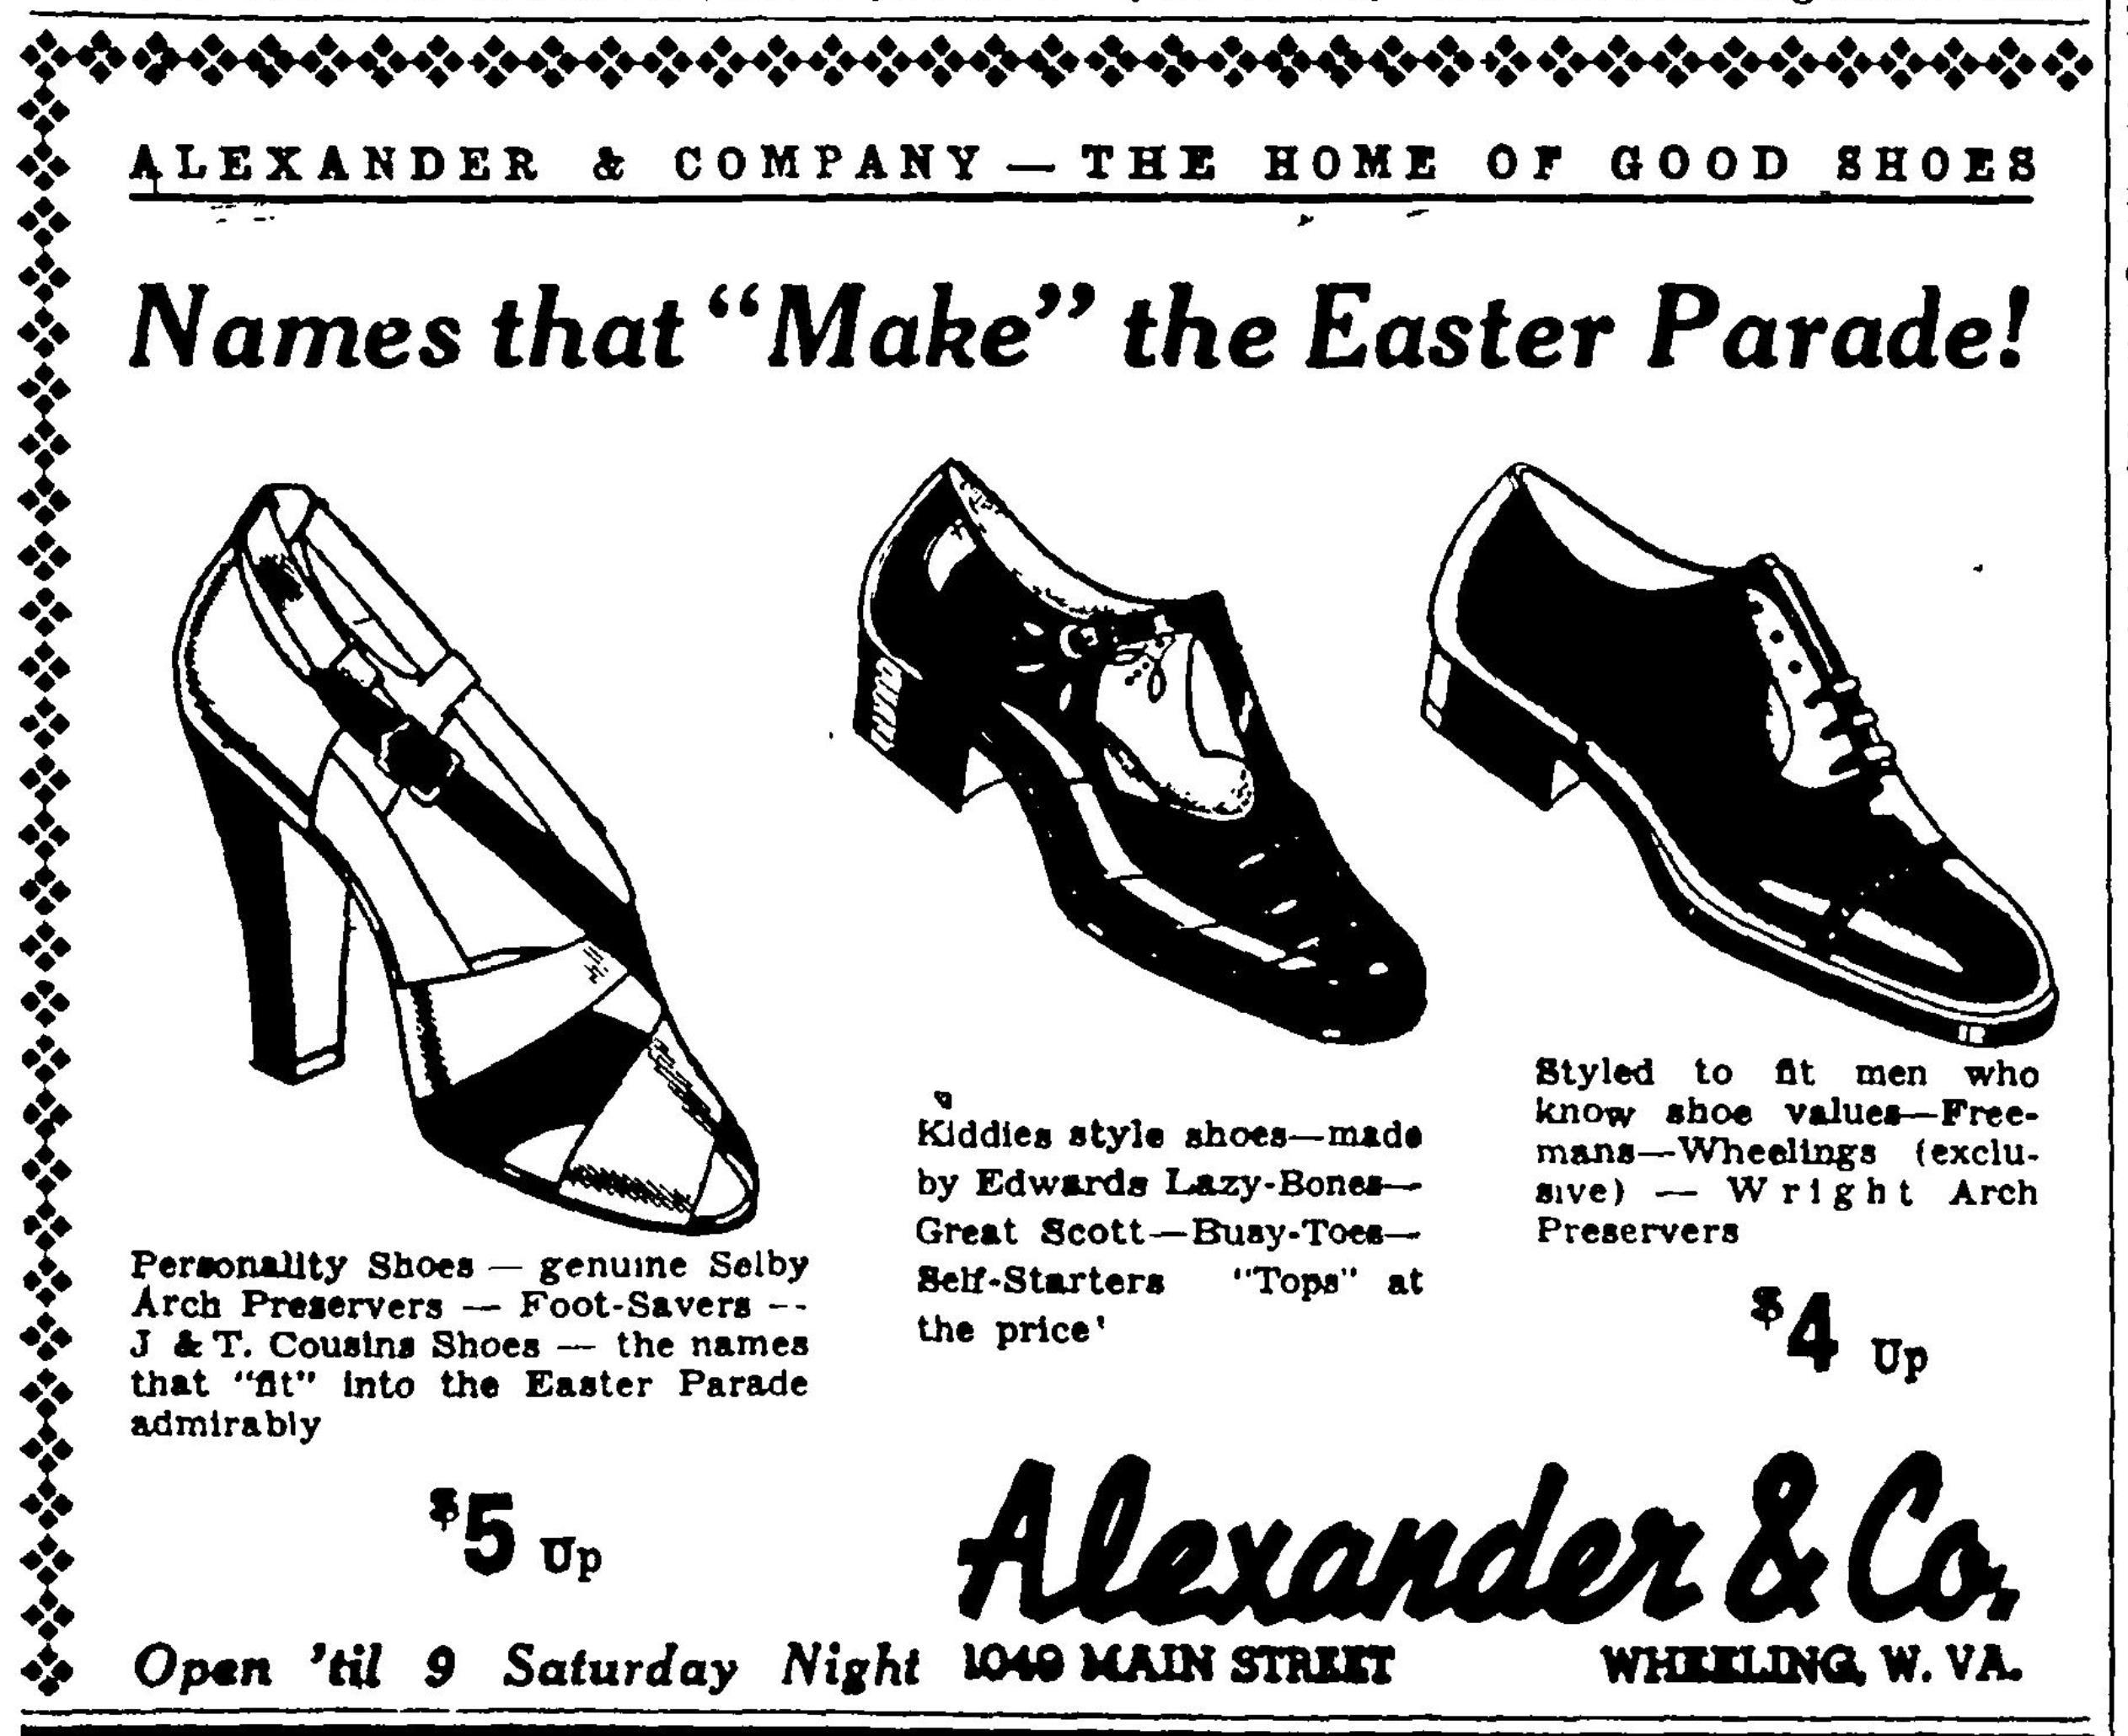 Alexander & Co - Wheeling Intelligencer, April 15, 1938